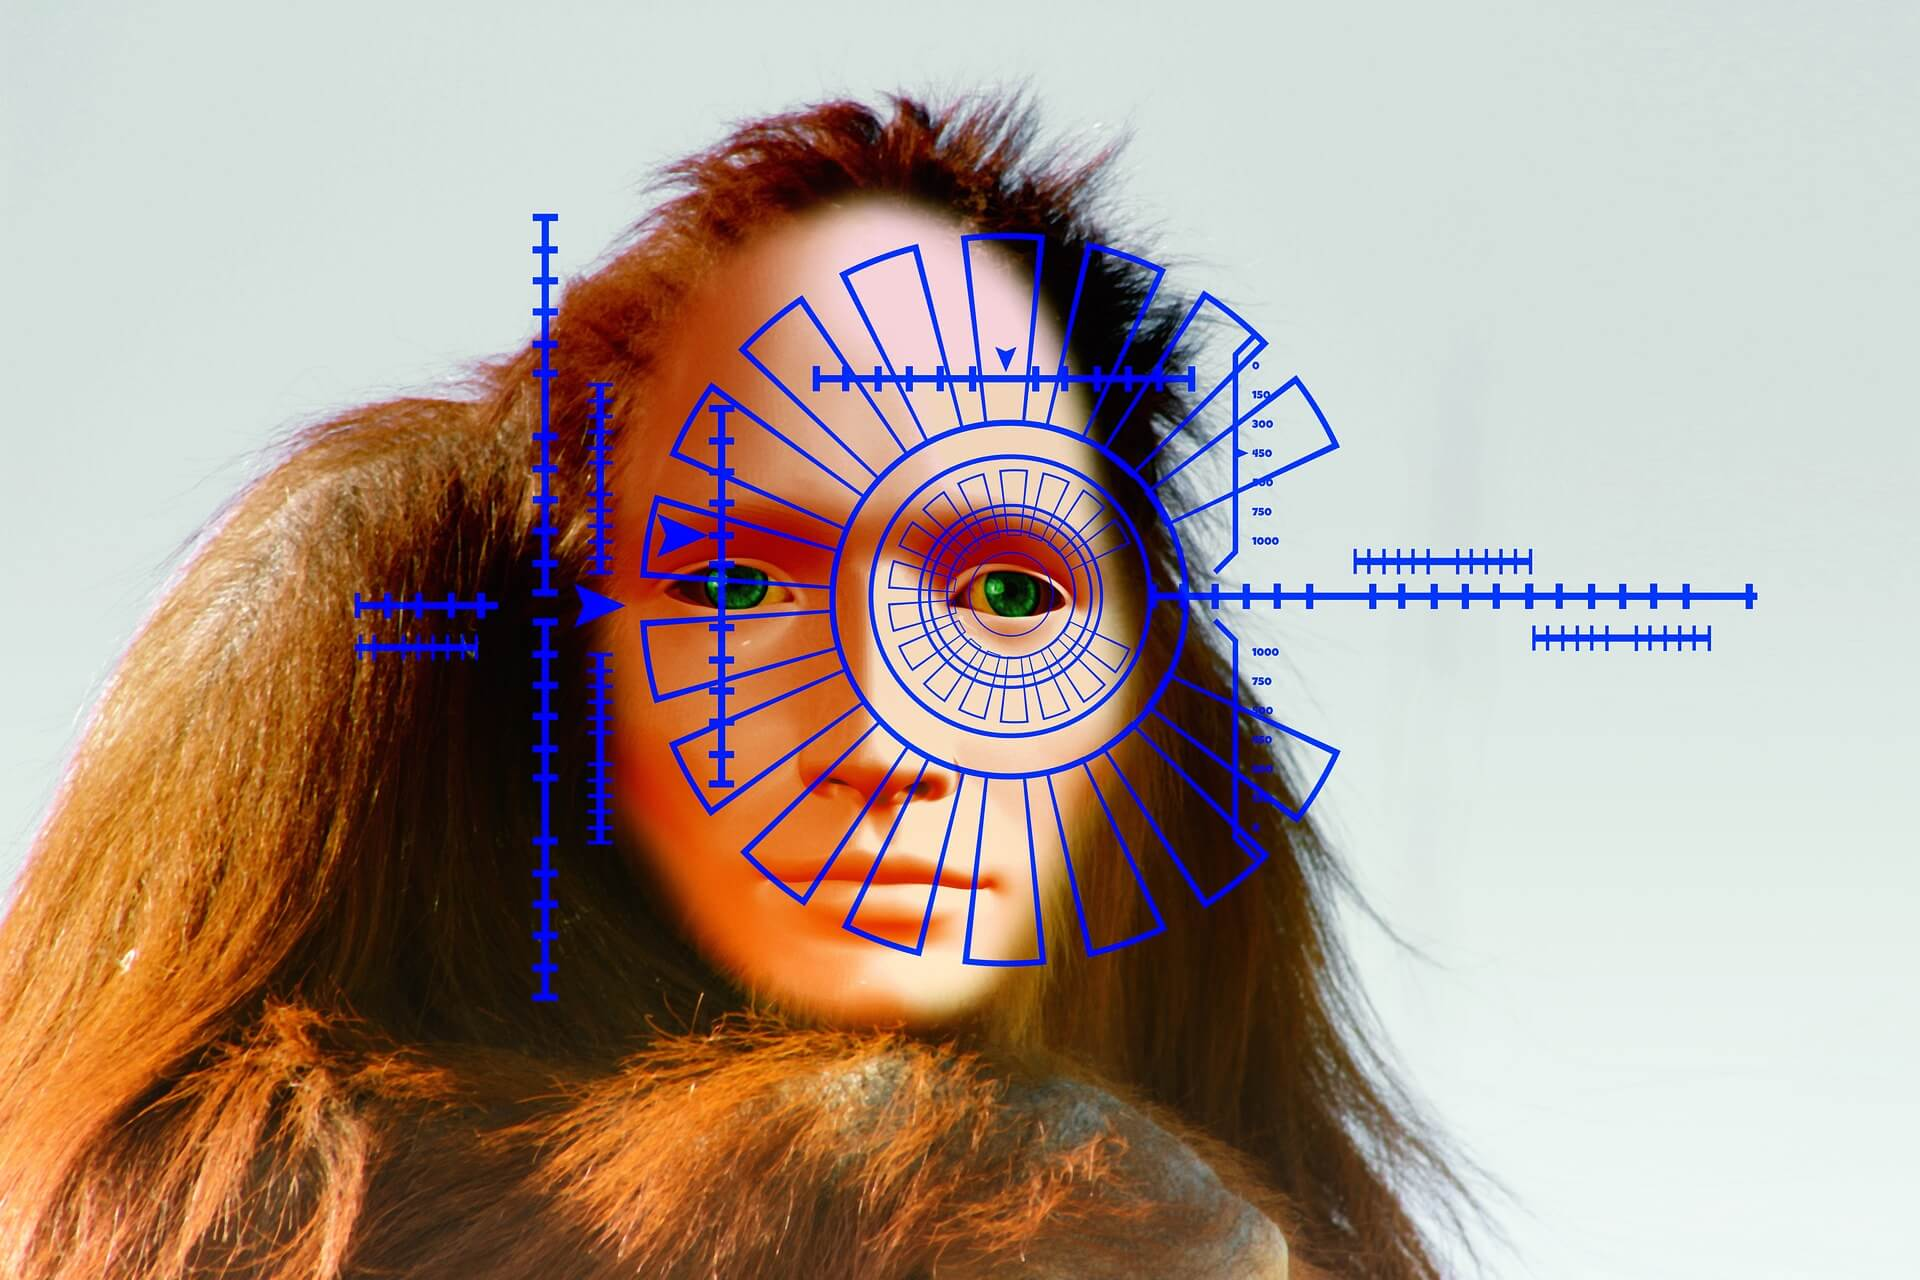 биометрия